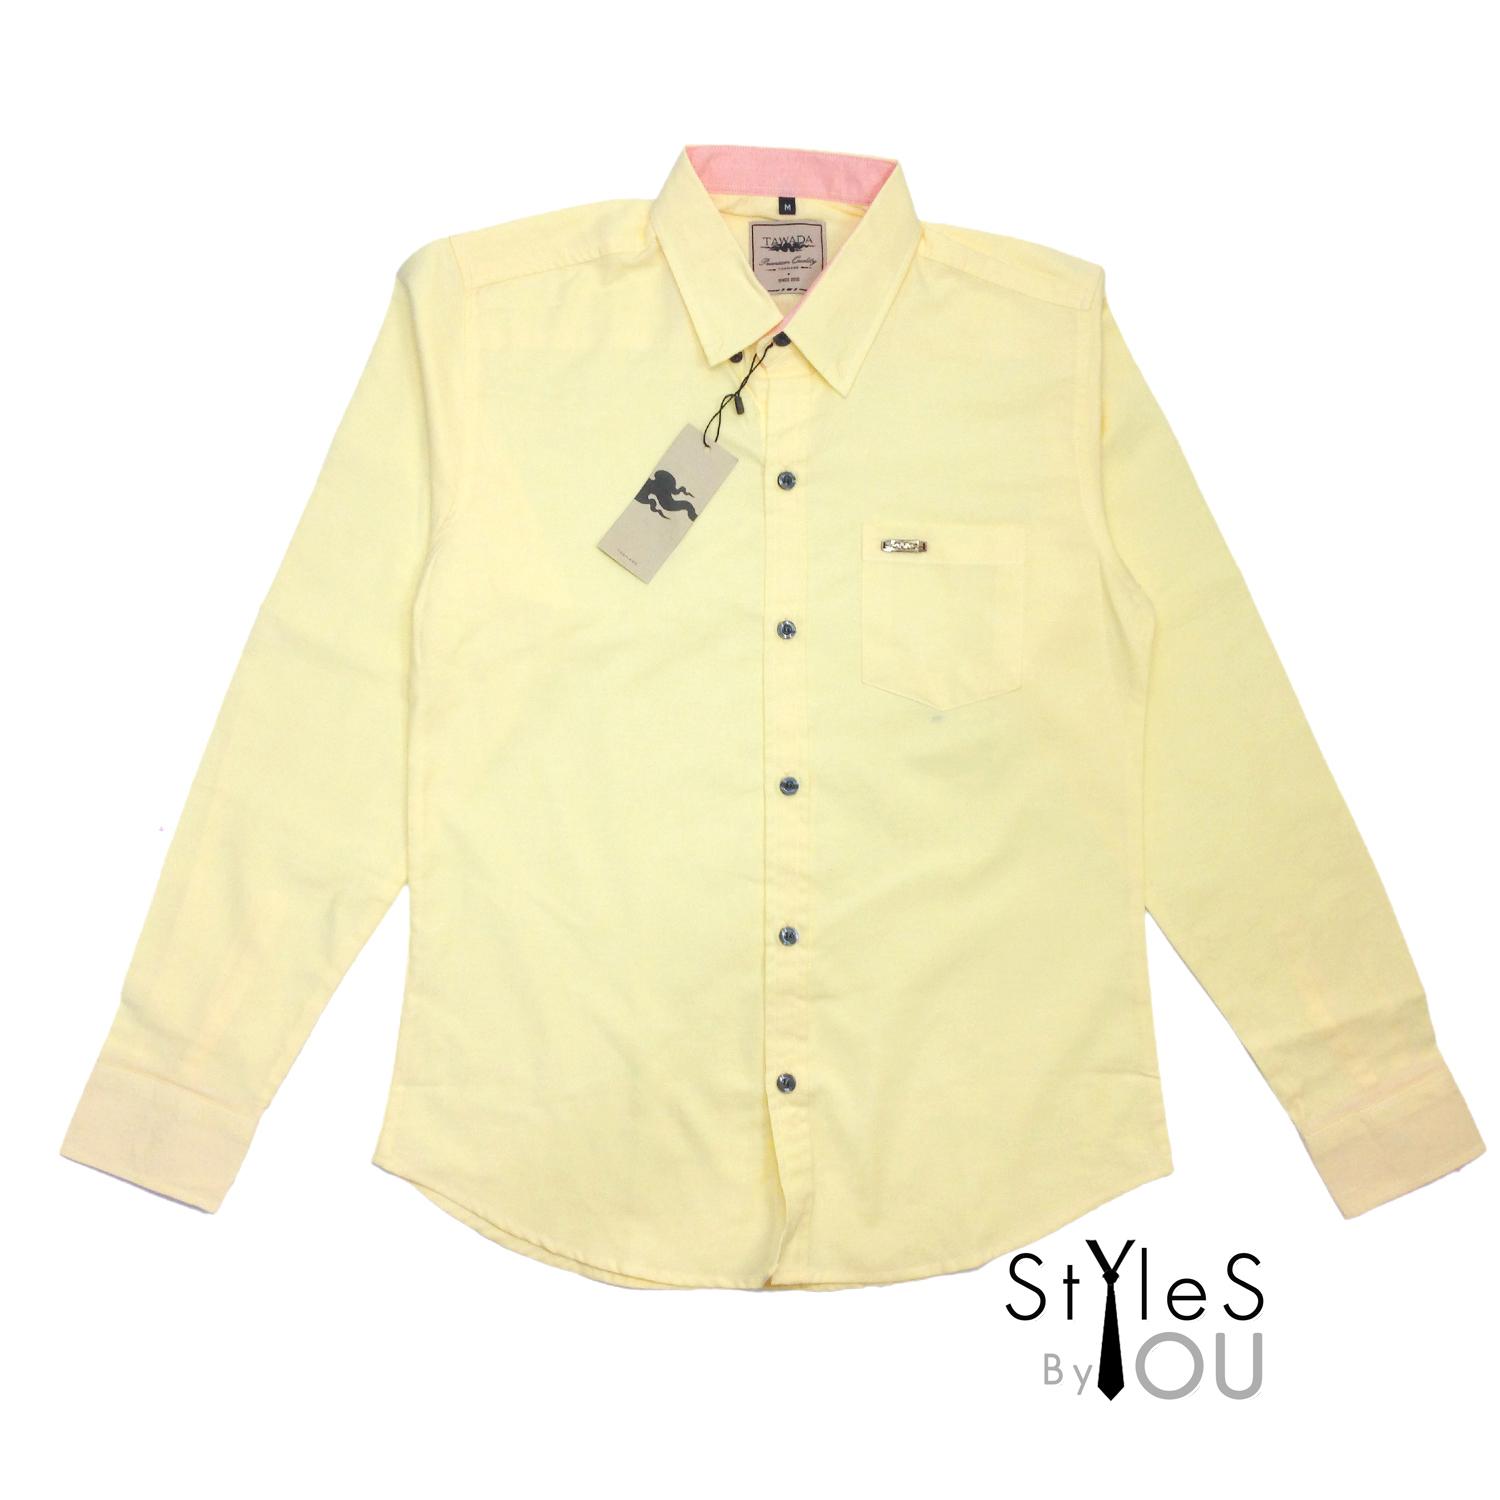 เสื้อเชิ้ต แฟชั่น สีพื้น สีเหลือง Pastel Shirt แขนสั้นและแขนยาว